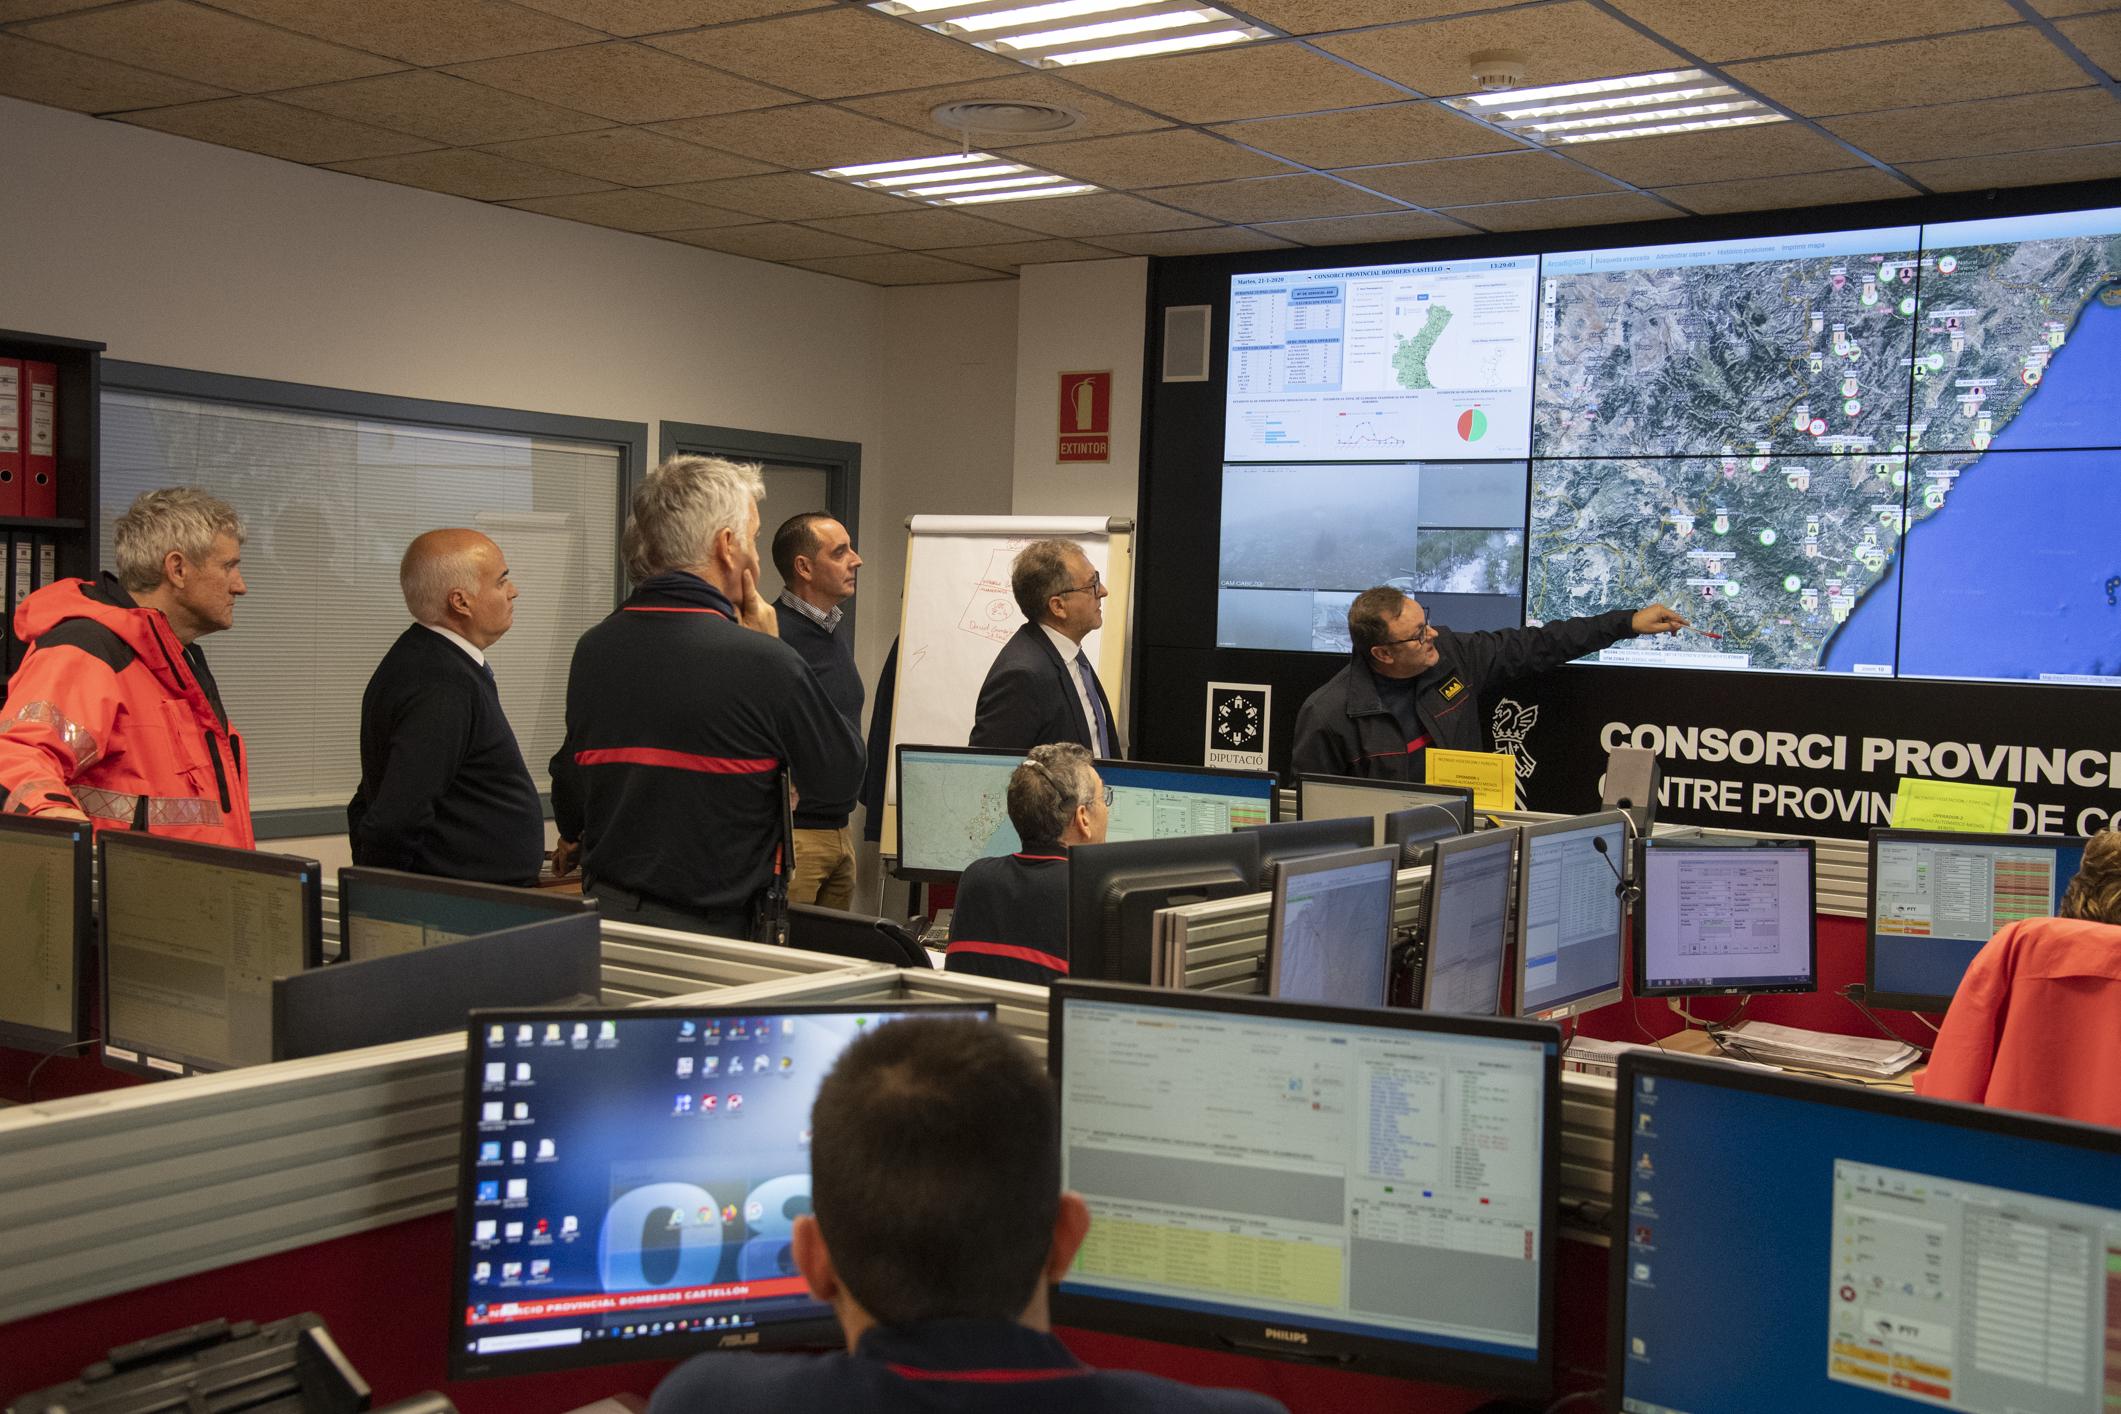 La Diputació activa un pla d'emergència per a pal·liar els danys per neu, pluja i temporal marítim a la província